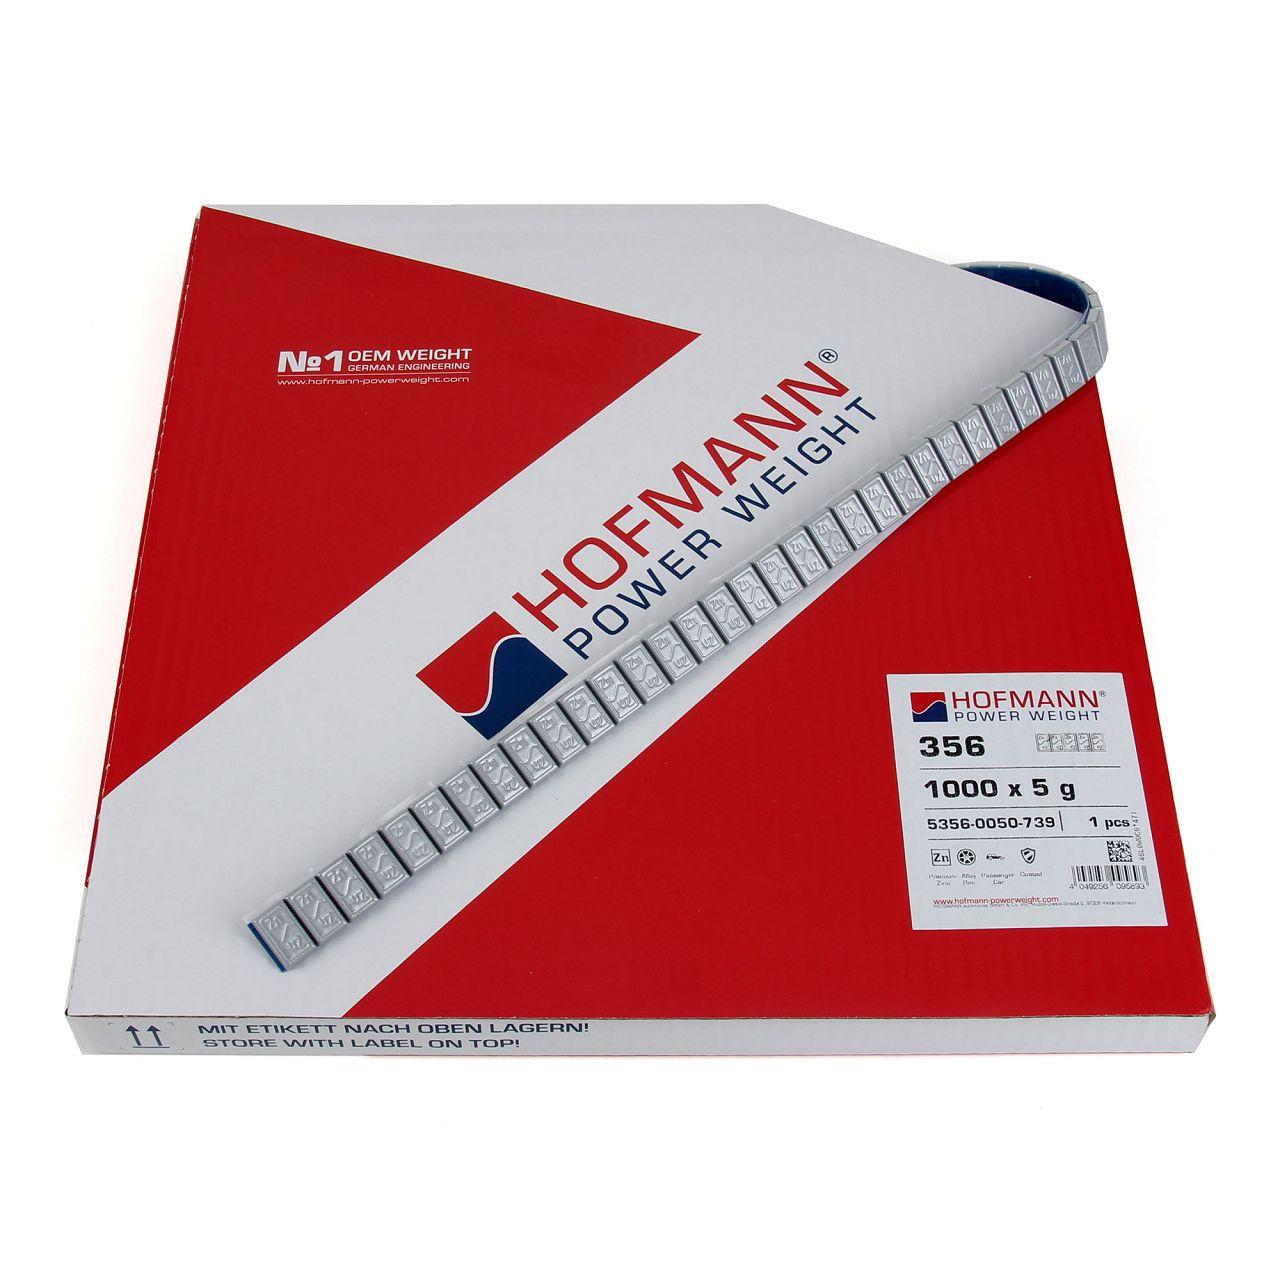 HOFMANN Auswuchtgewichte Klebegewichte SILBER-ZINK 4,6mm | 1000 Stück x 5g